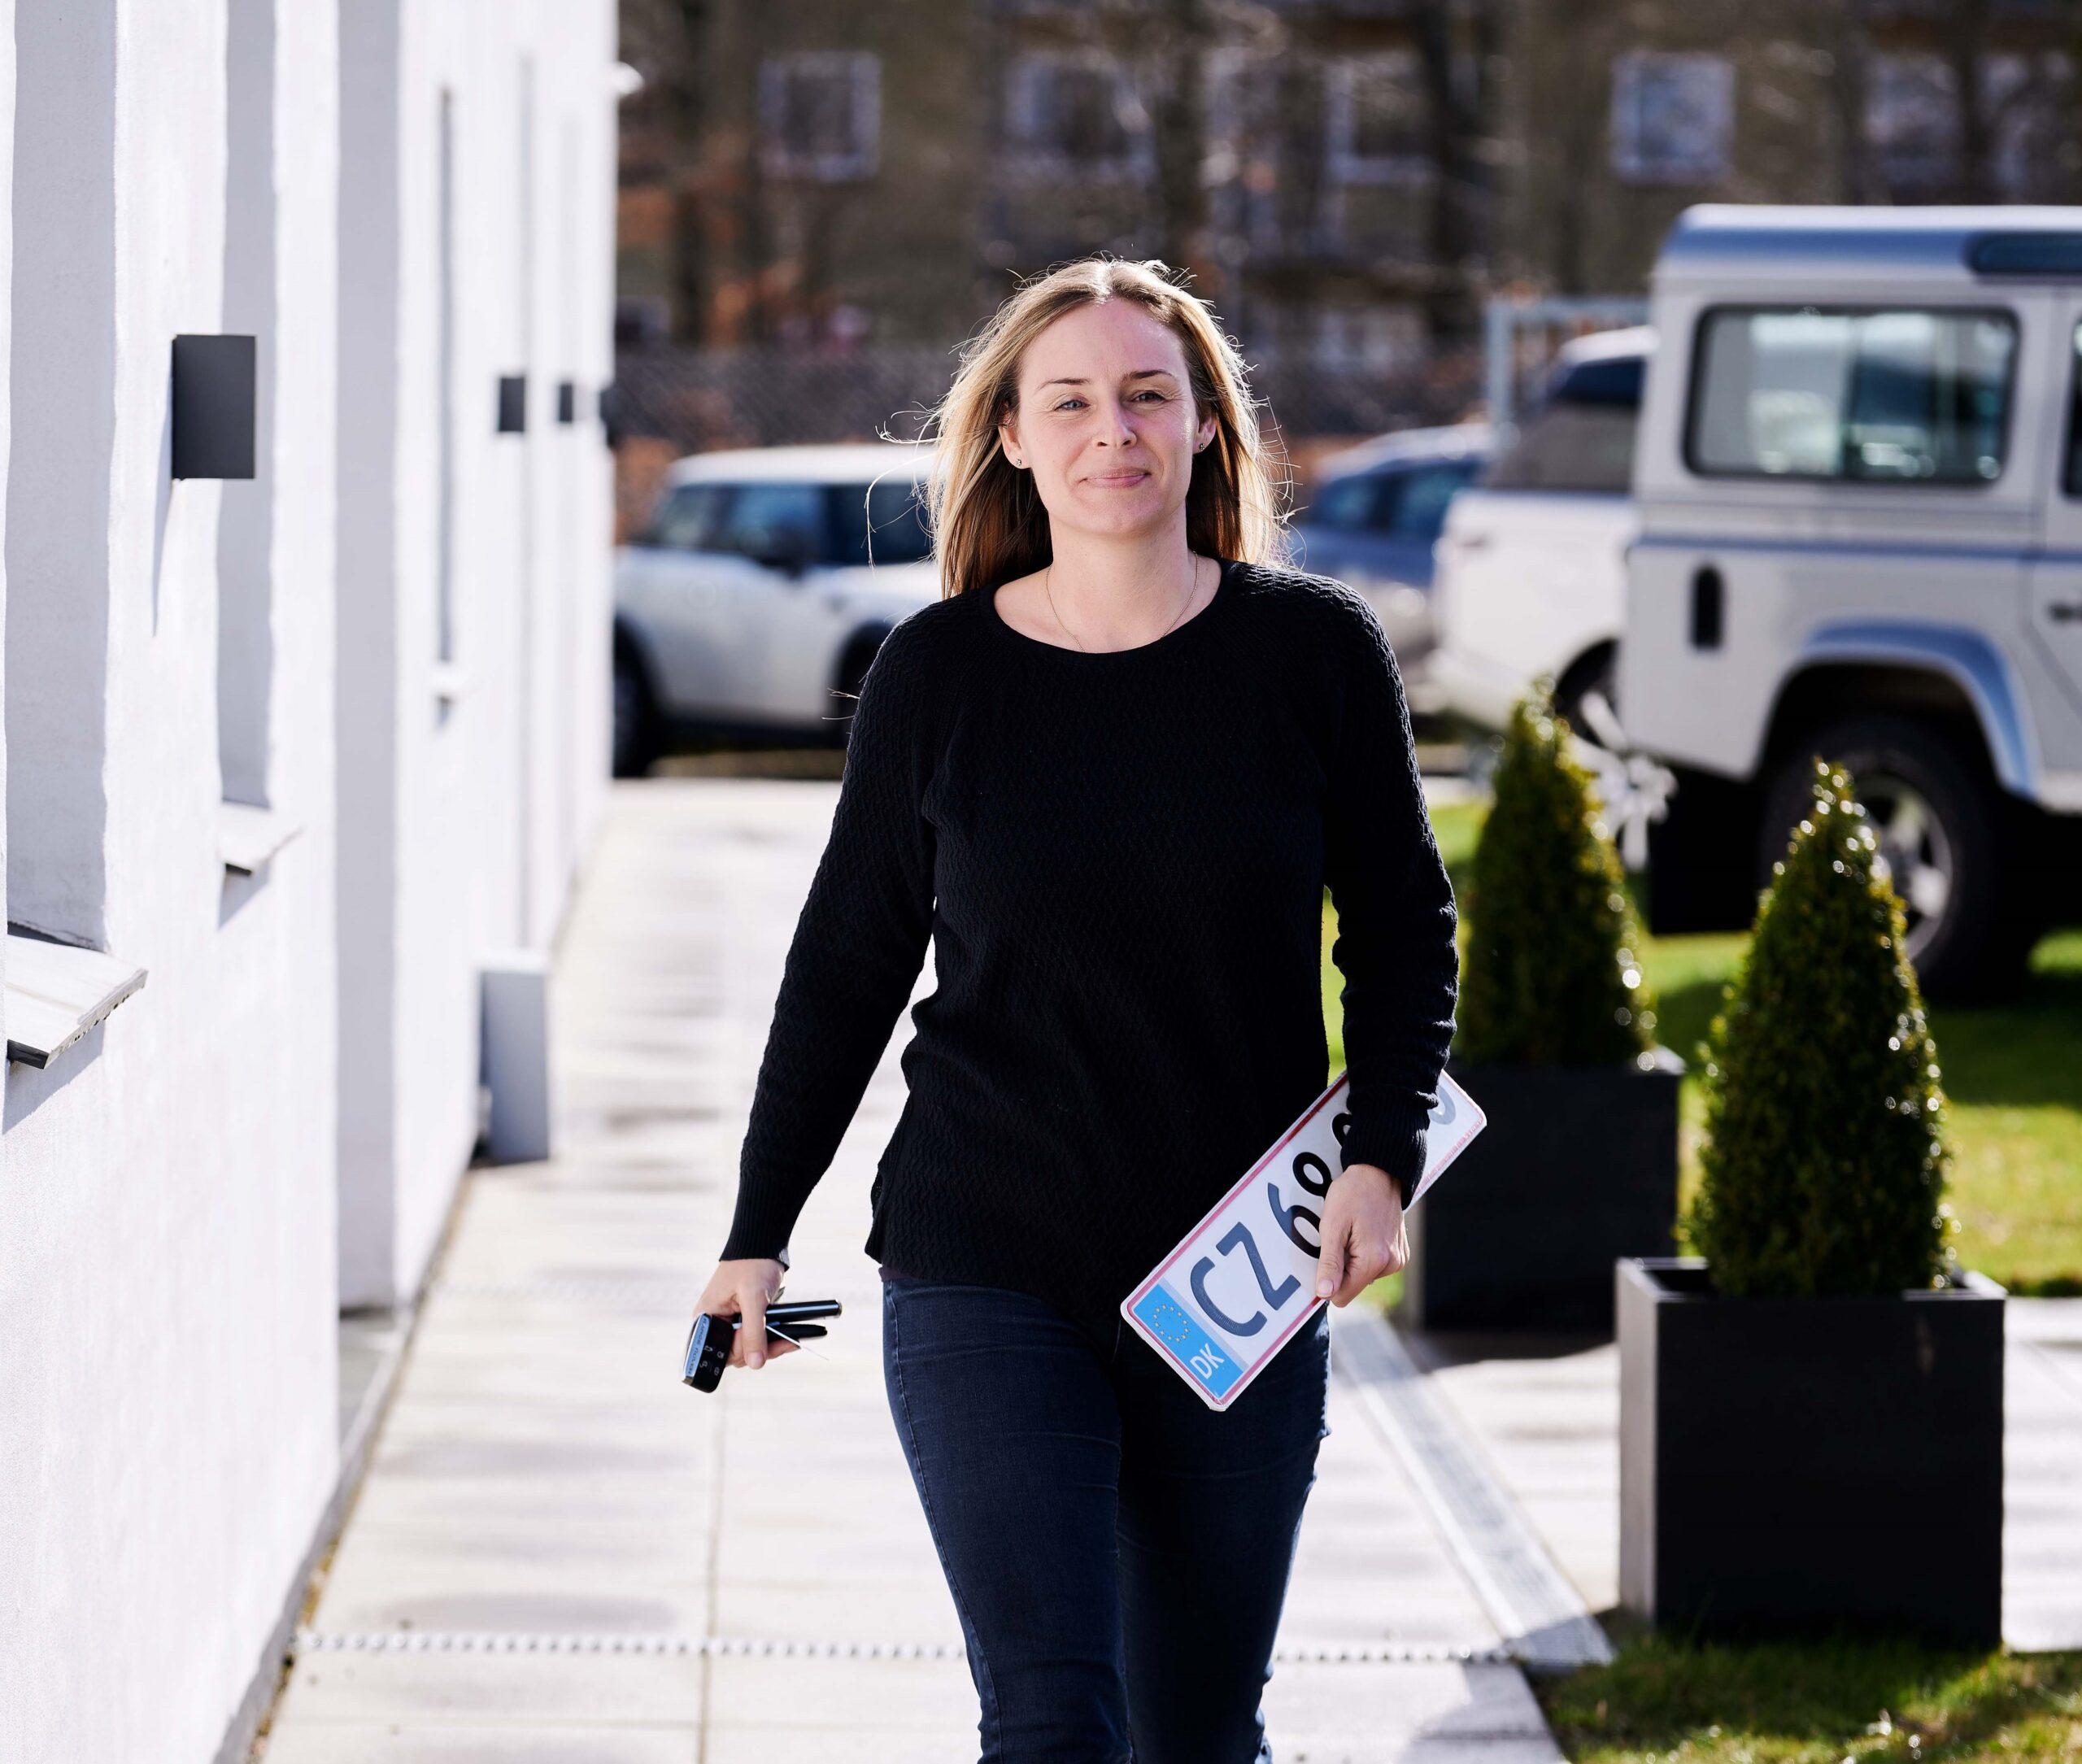 Kvinde går med en nummerplade i hånden